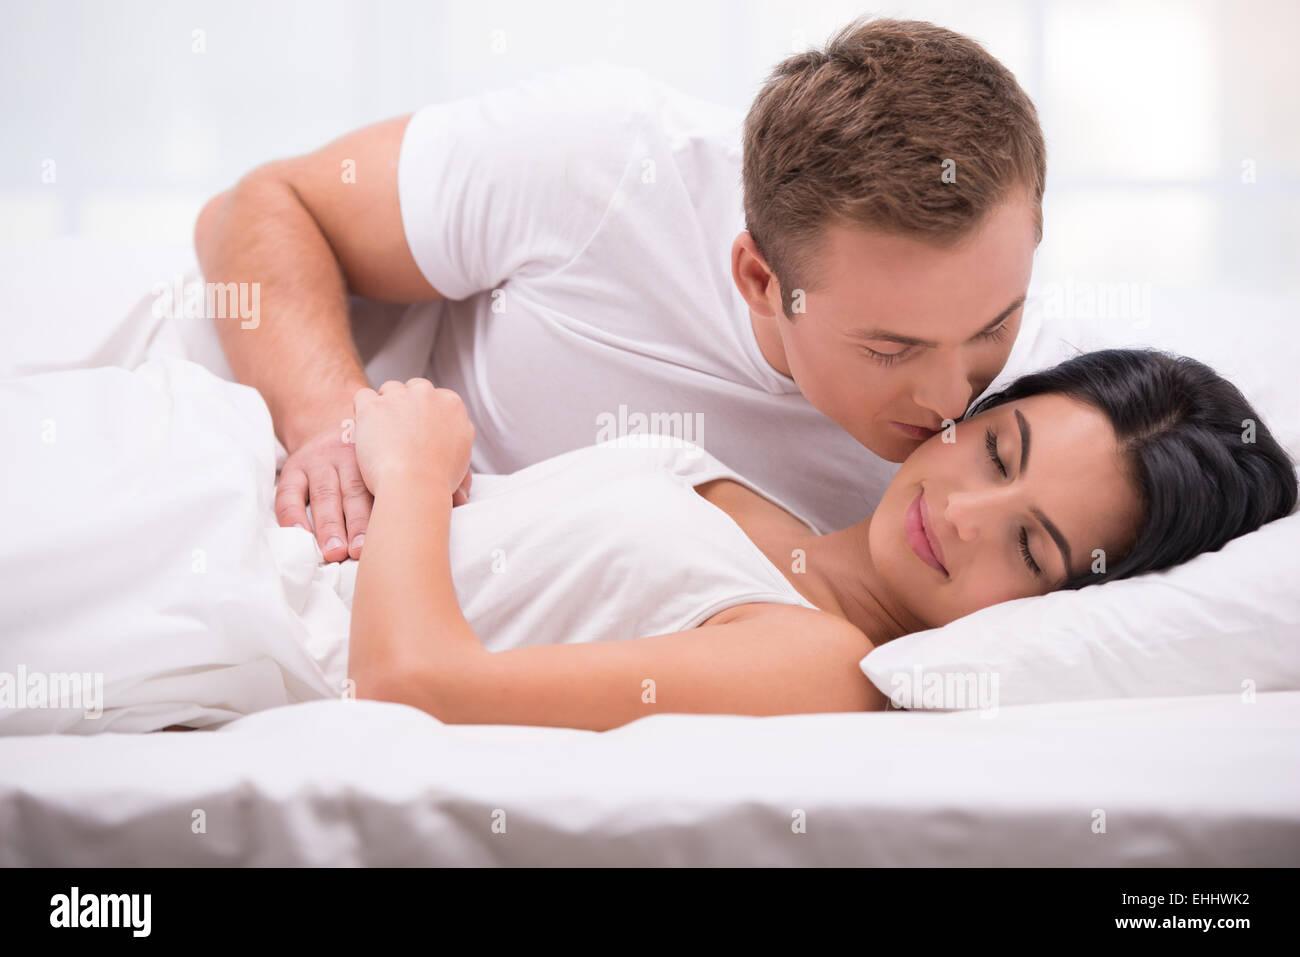 Foto Op Kussen : Junger mann küssen seine schlafende frau stockfoto bild